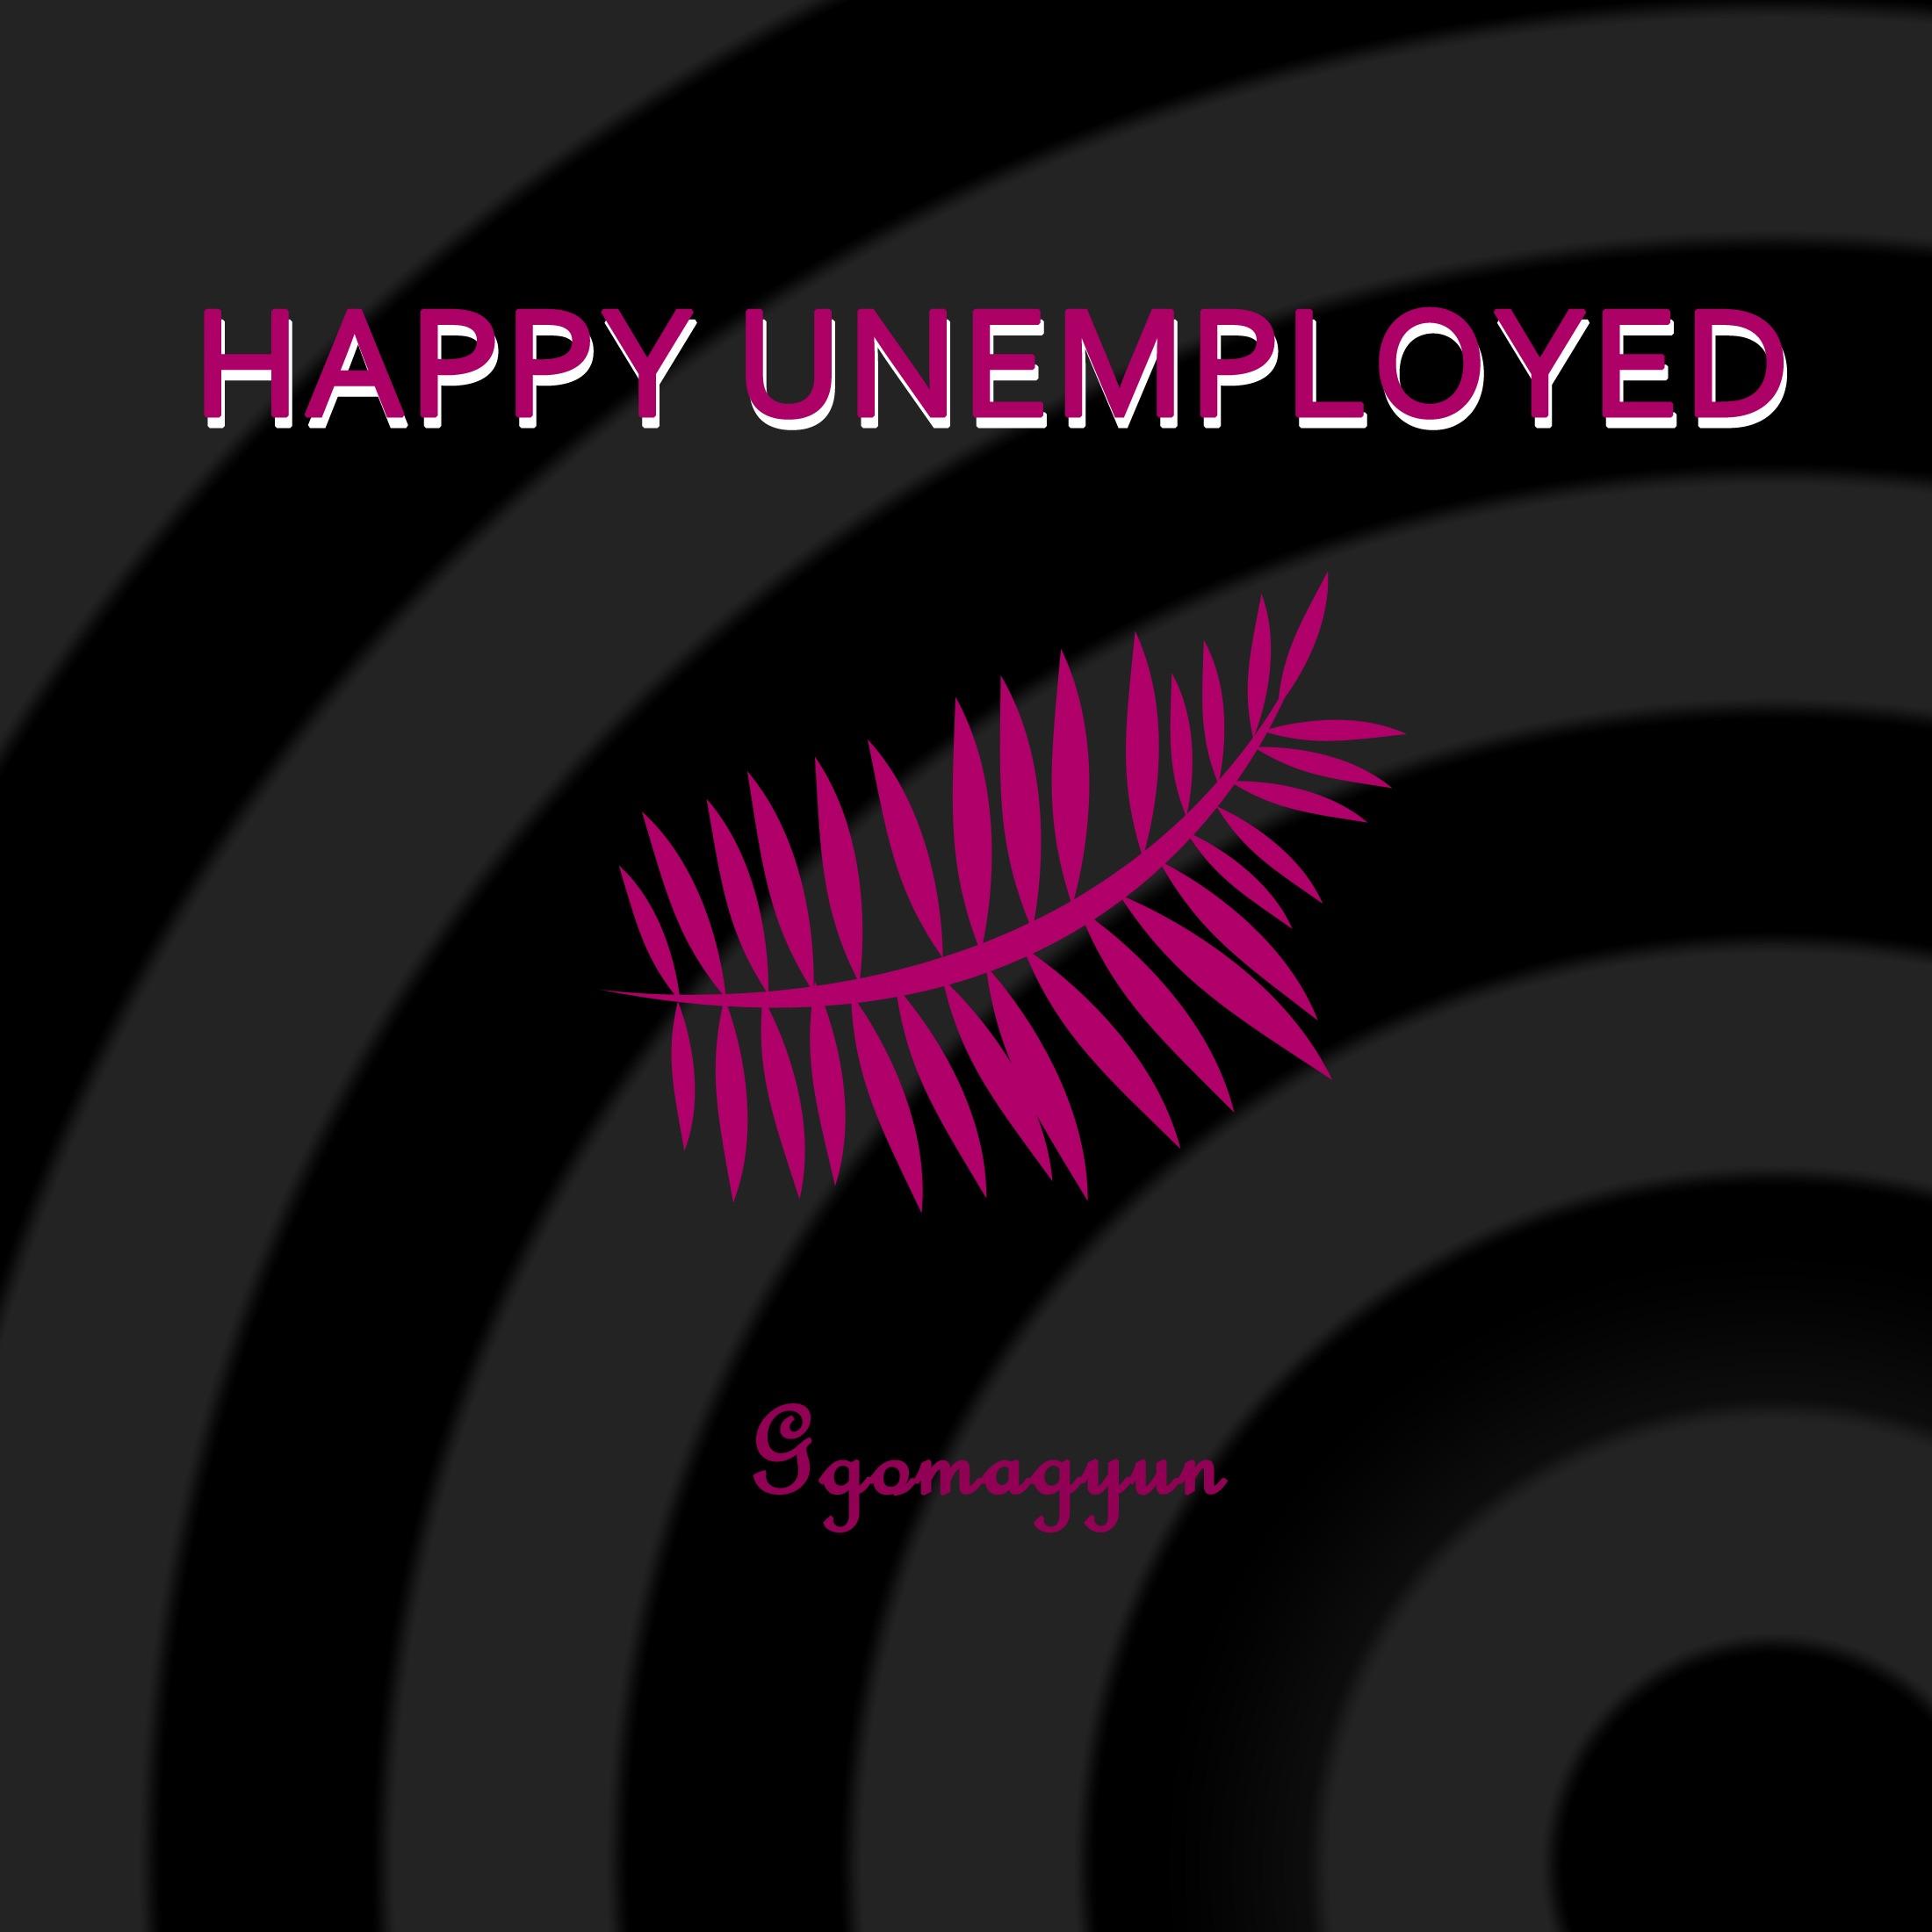 행복한 백수 Happy Unemployed - Single